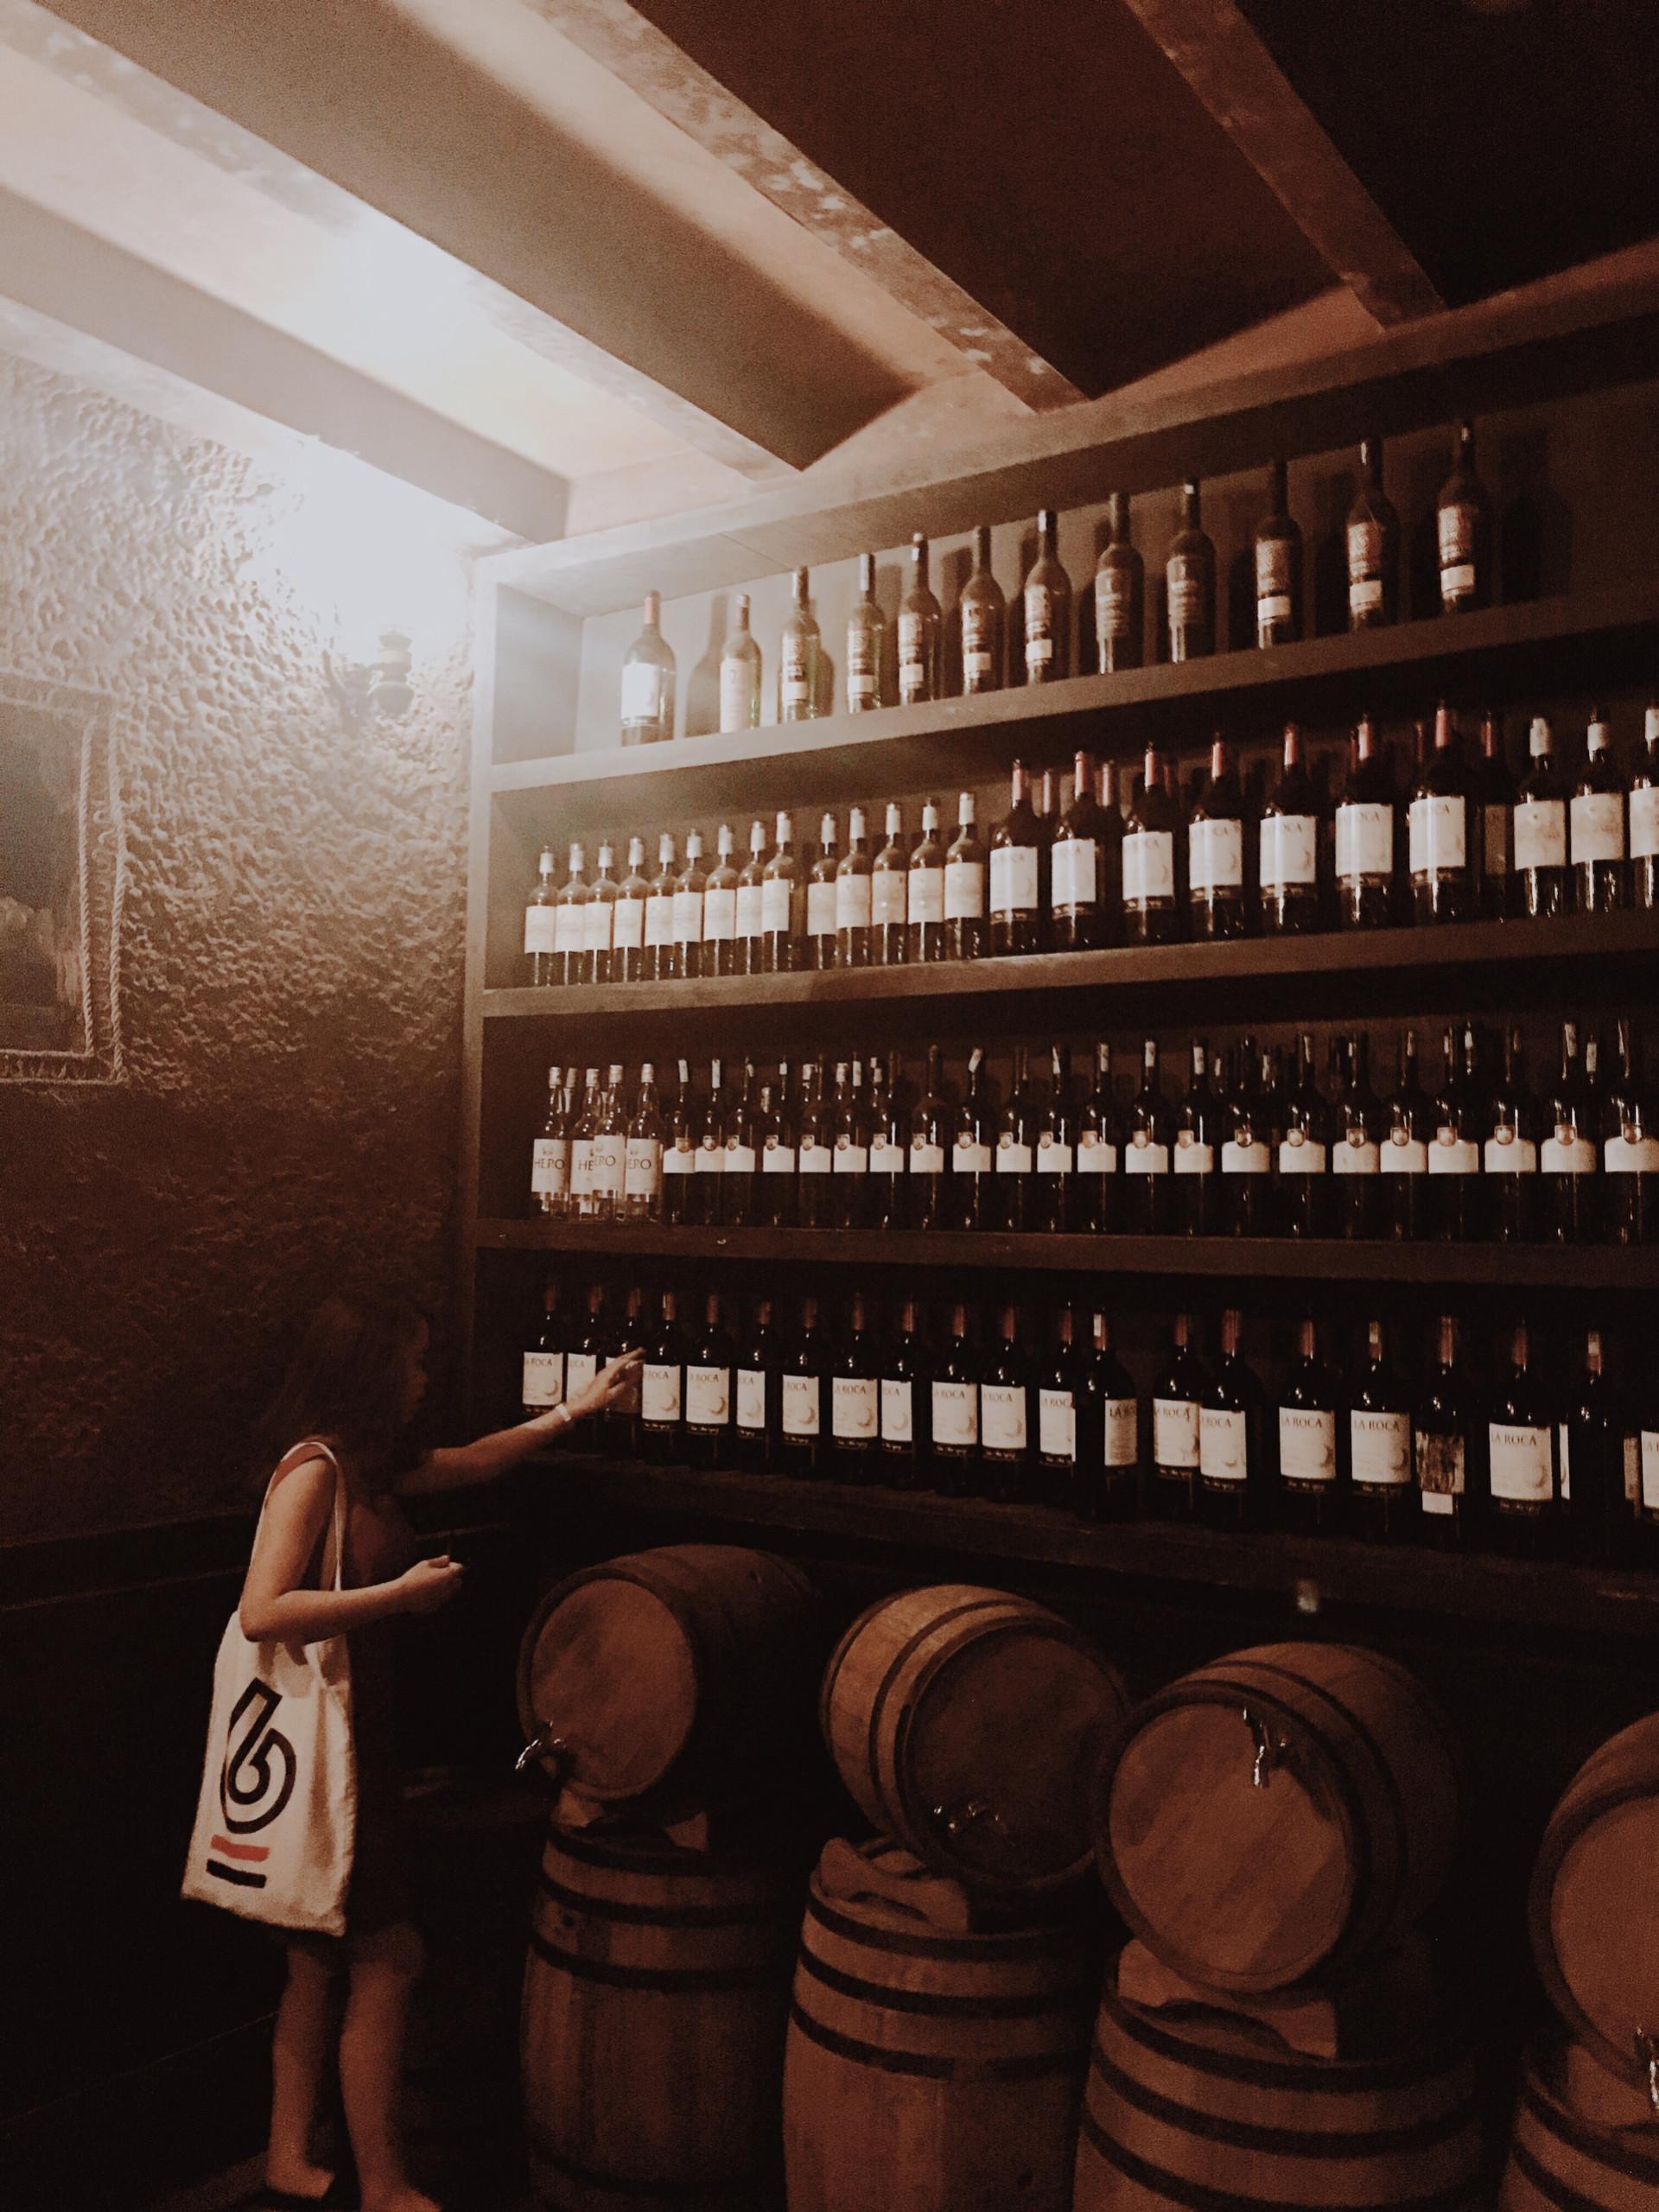 Hàng nghìn chai rượu được sắp xếp ngăn nắp